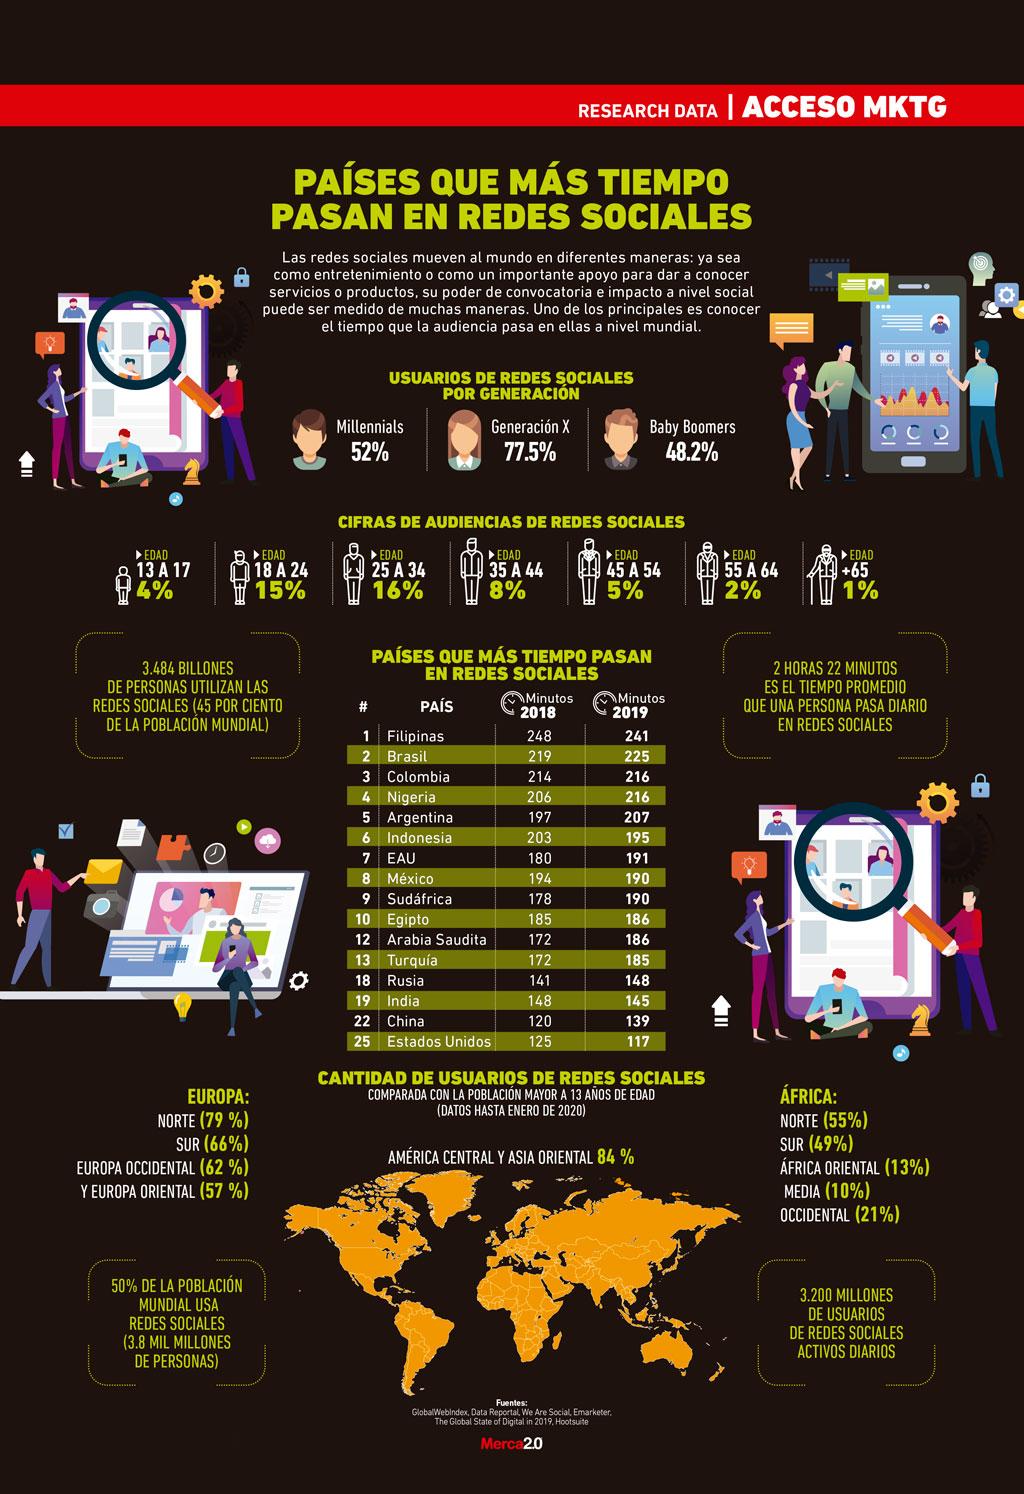 paises que mas tiempo en redes sociales